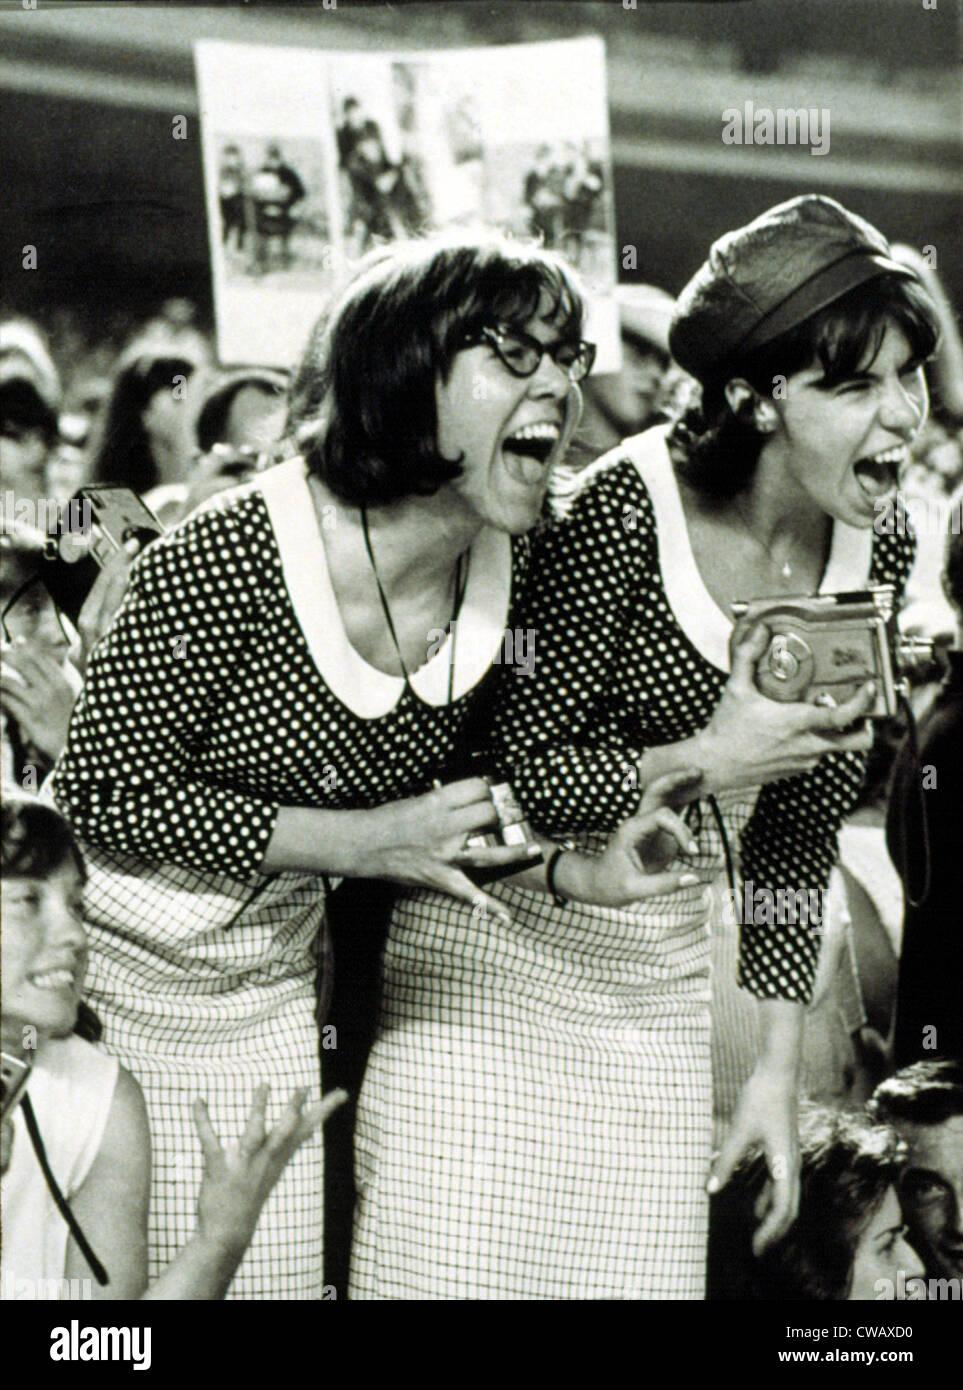 BEATLES FANS crier à un concert au Shea Stadium, NEW YORK, 15/08/65, l'affichage de ce qui est appelé, Photo Stock